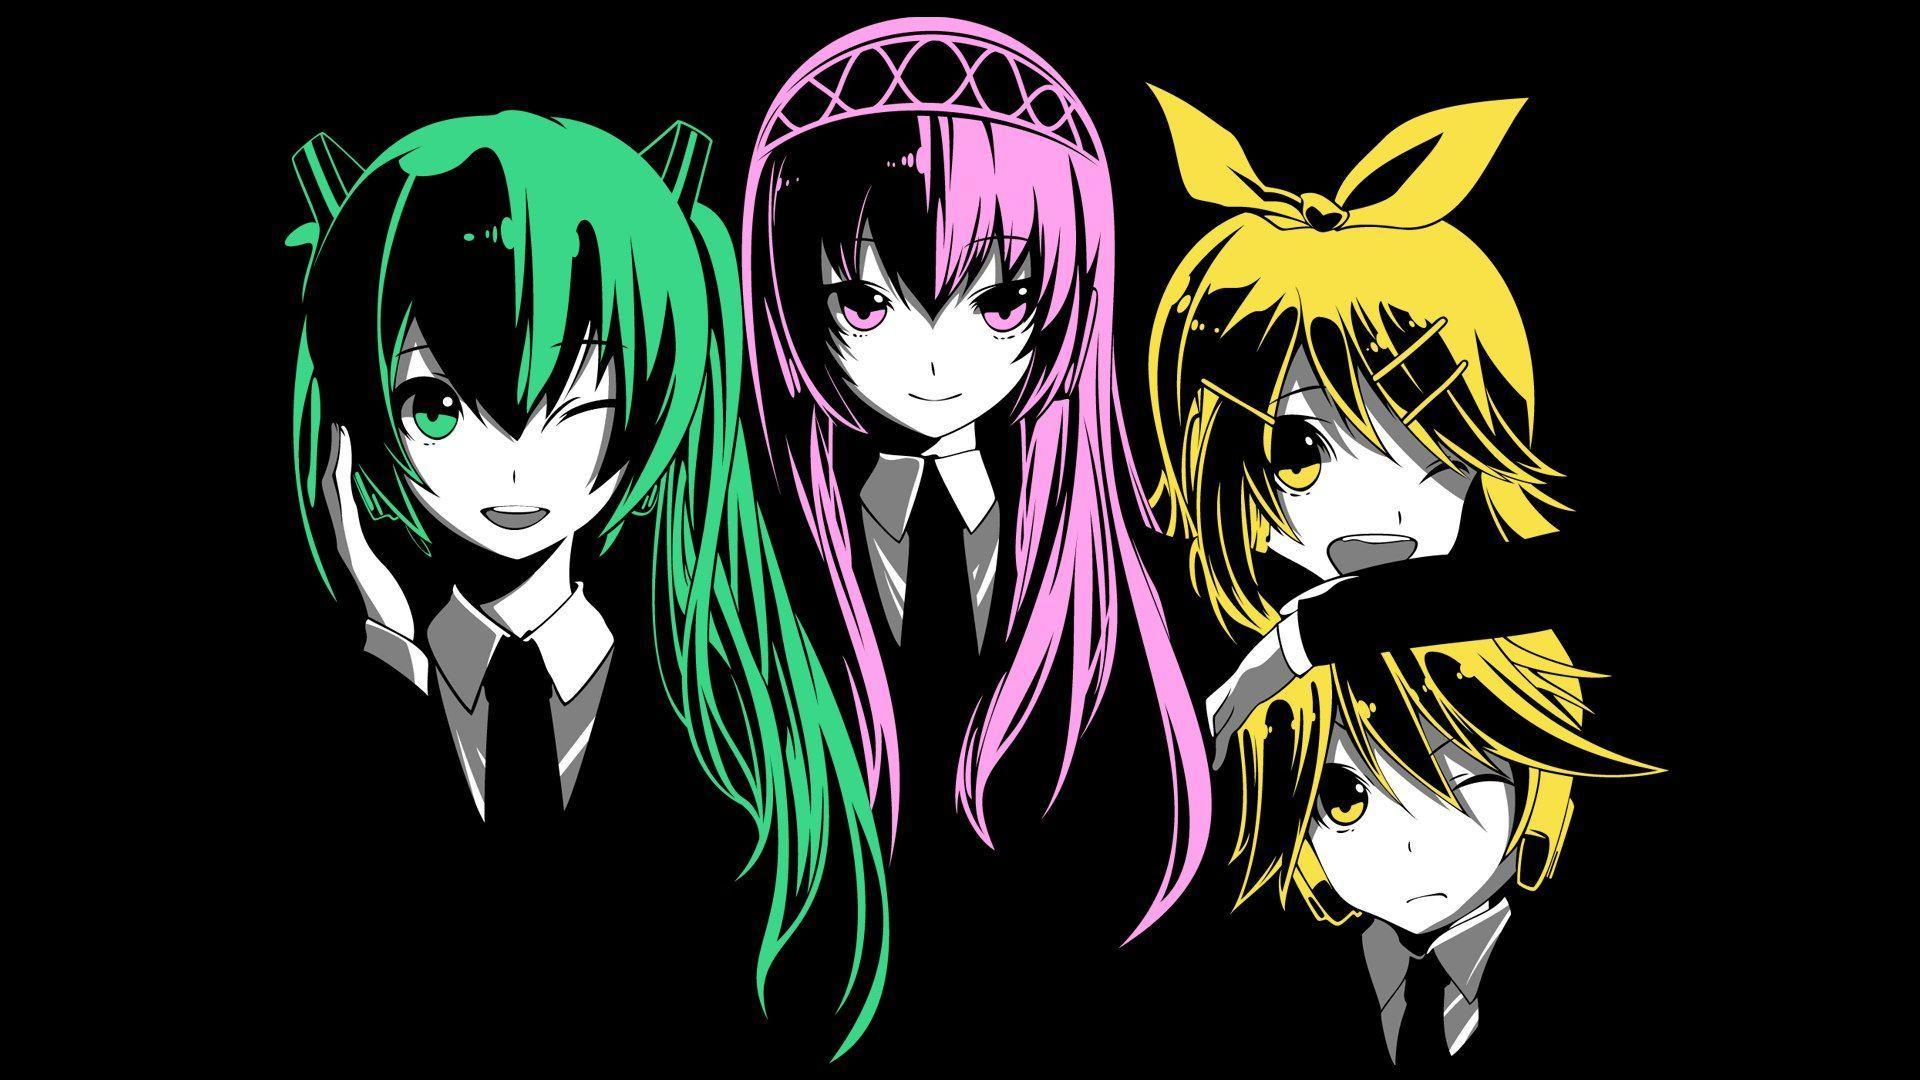 Vocaloid Chibi Group Wallpaper Vocaloid Wallpapers - ...